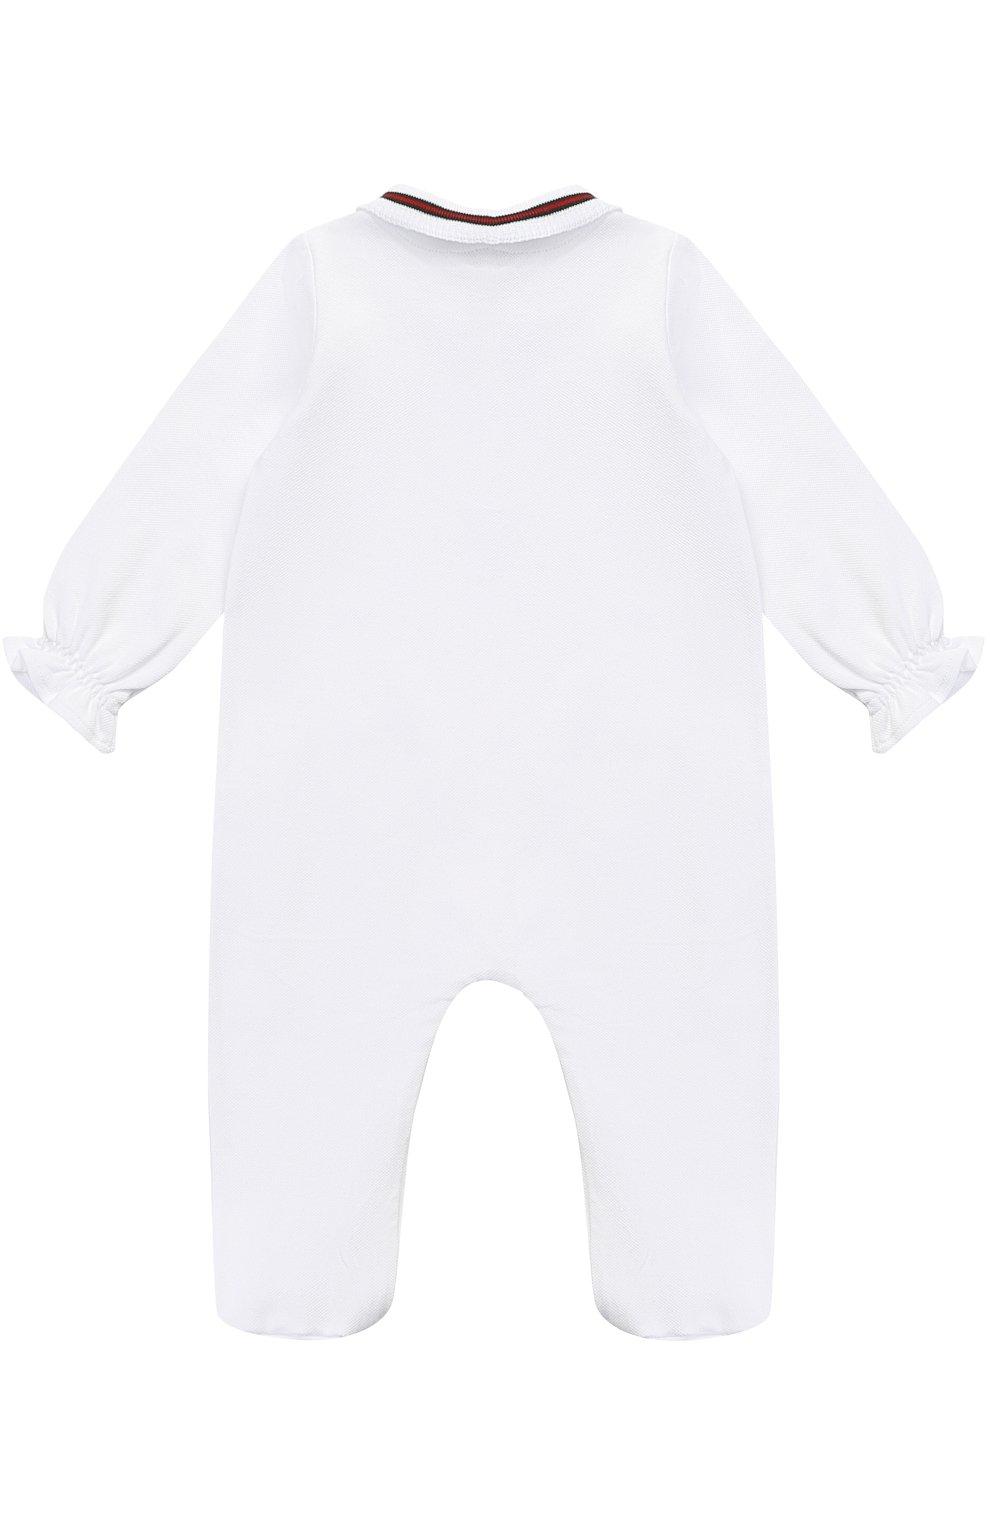 Детский пижама из эластичного хлопка с контрастной отделкой и бантом GUCCI белого цвета, арт. 458206/X5N22 | Фото 2